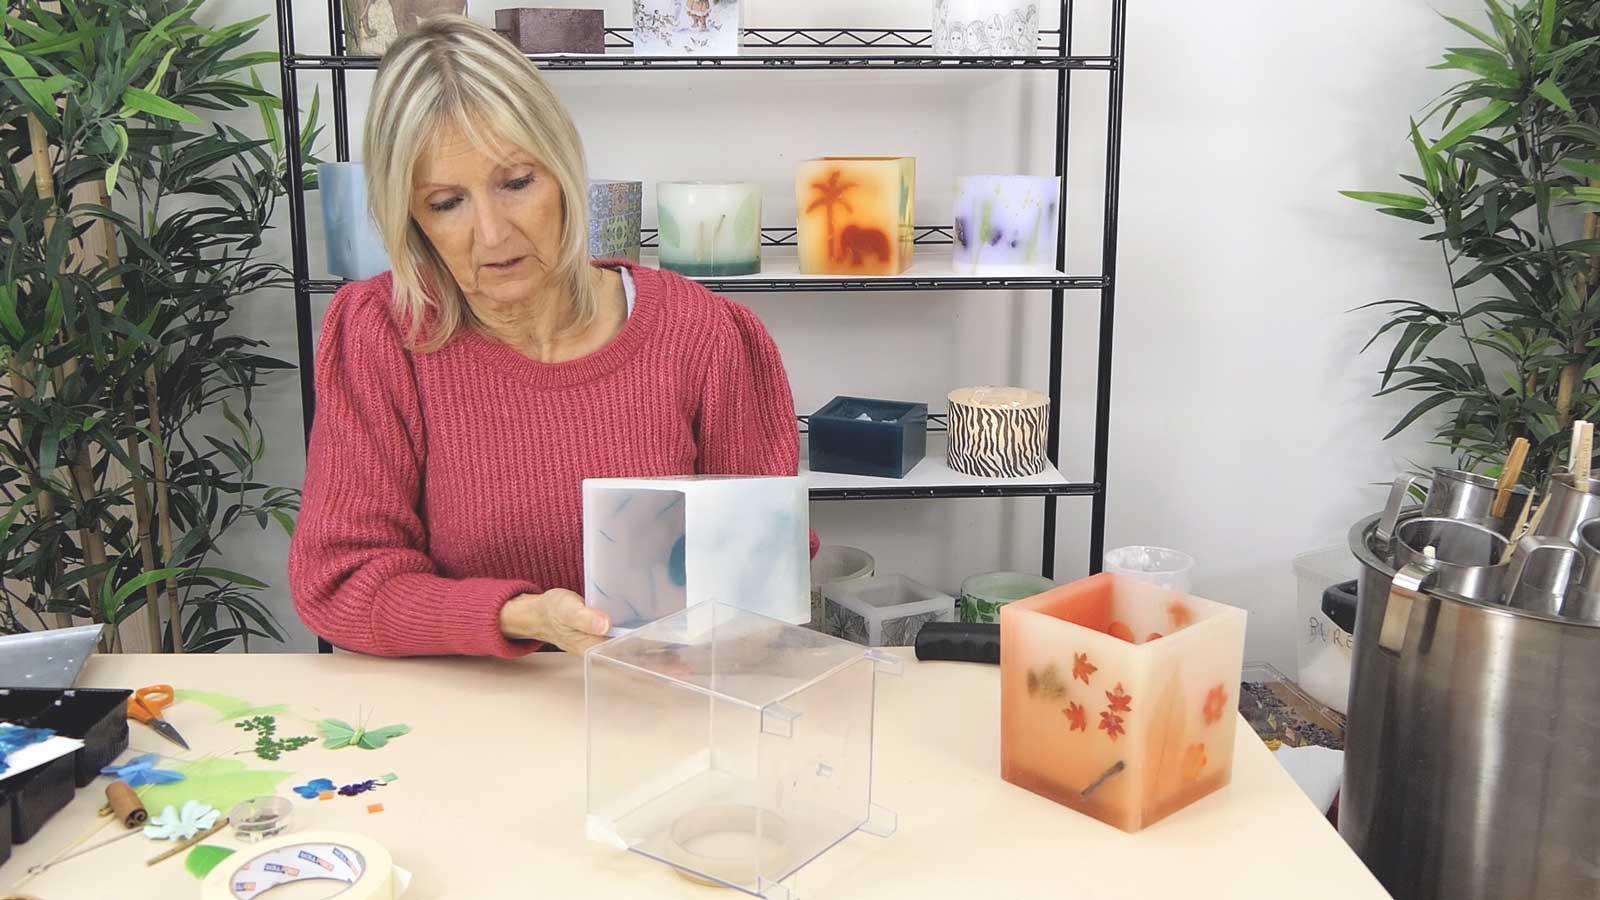 Réaliser un photophore carré avec des inclusions d'objets ou de végétaux plats